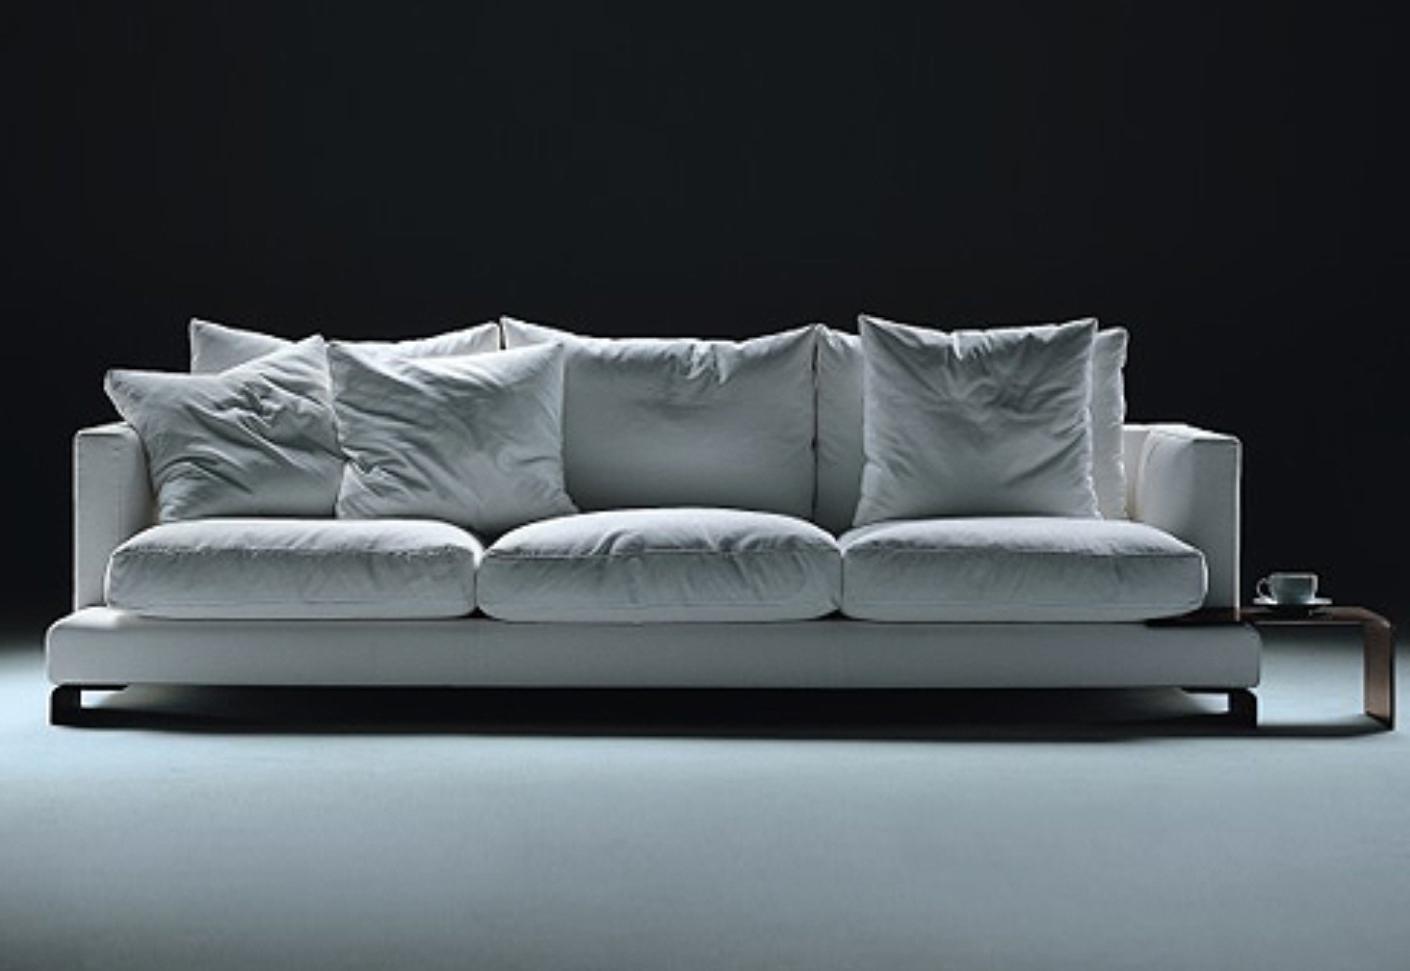 Sofa : West Elm Dunham Down Filled Sofa Down Filled Sofa Canada With 2019 Down Filled Sofas (View 6 of 20)